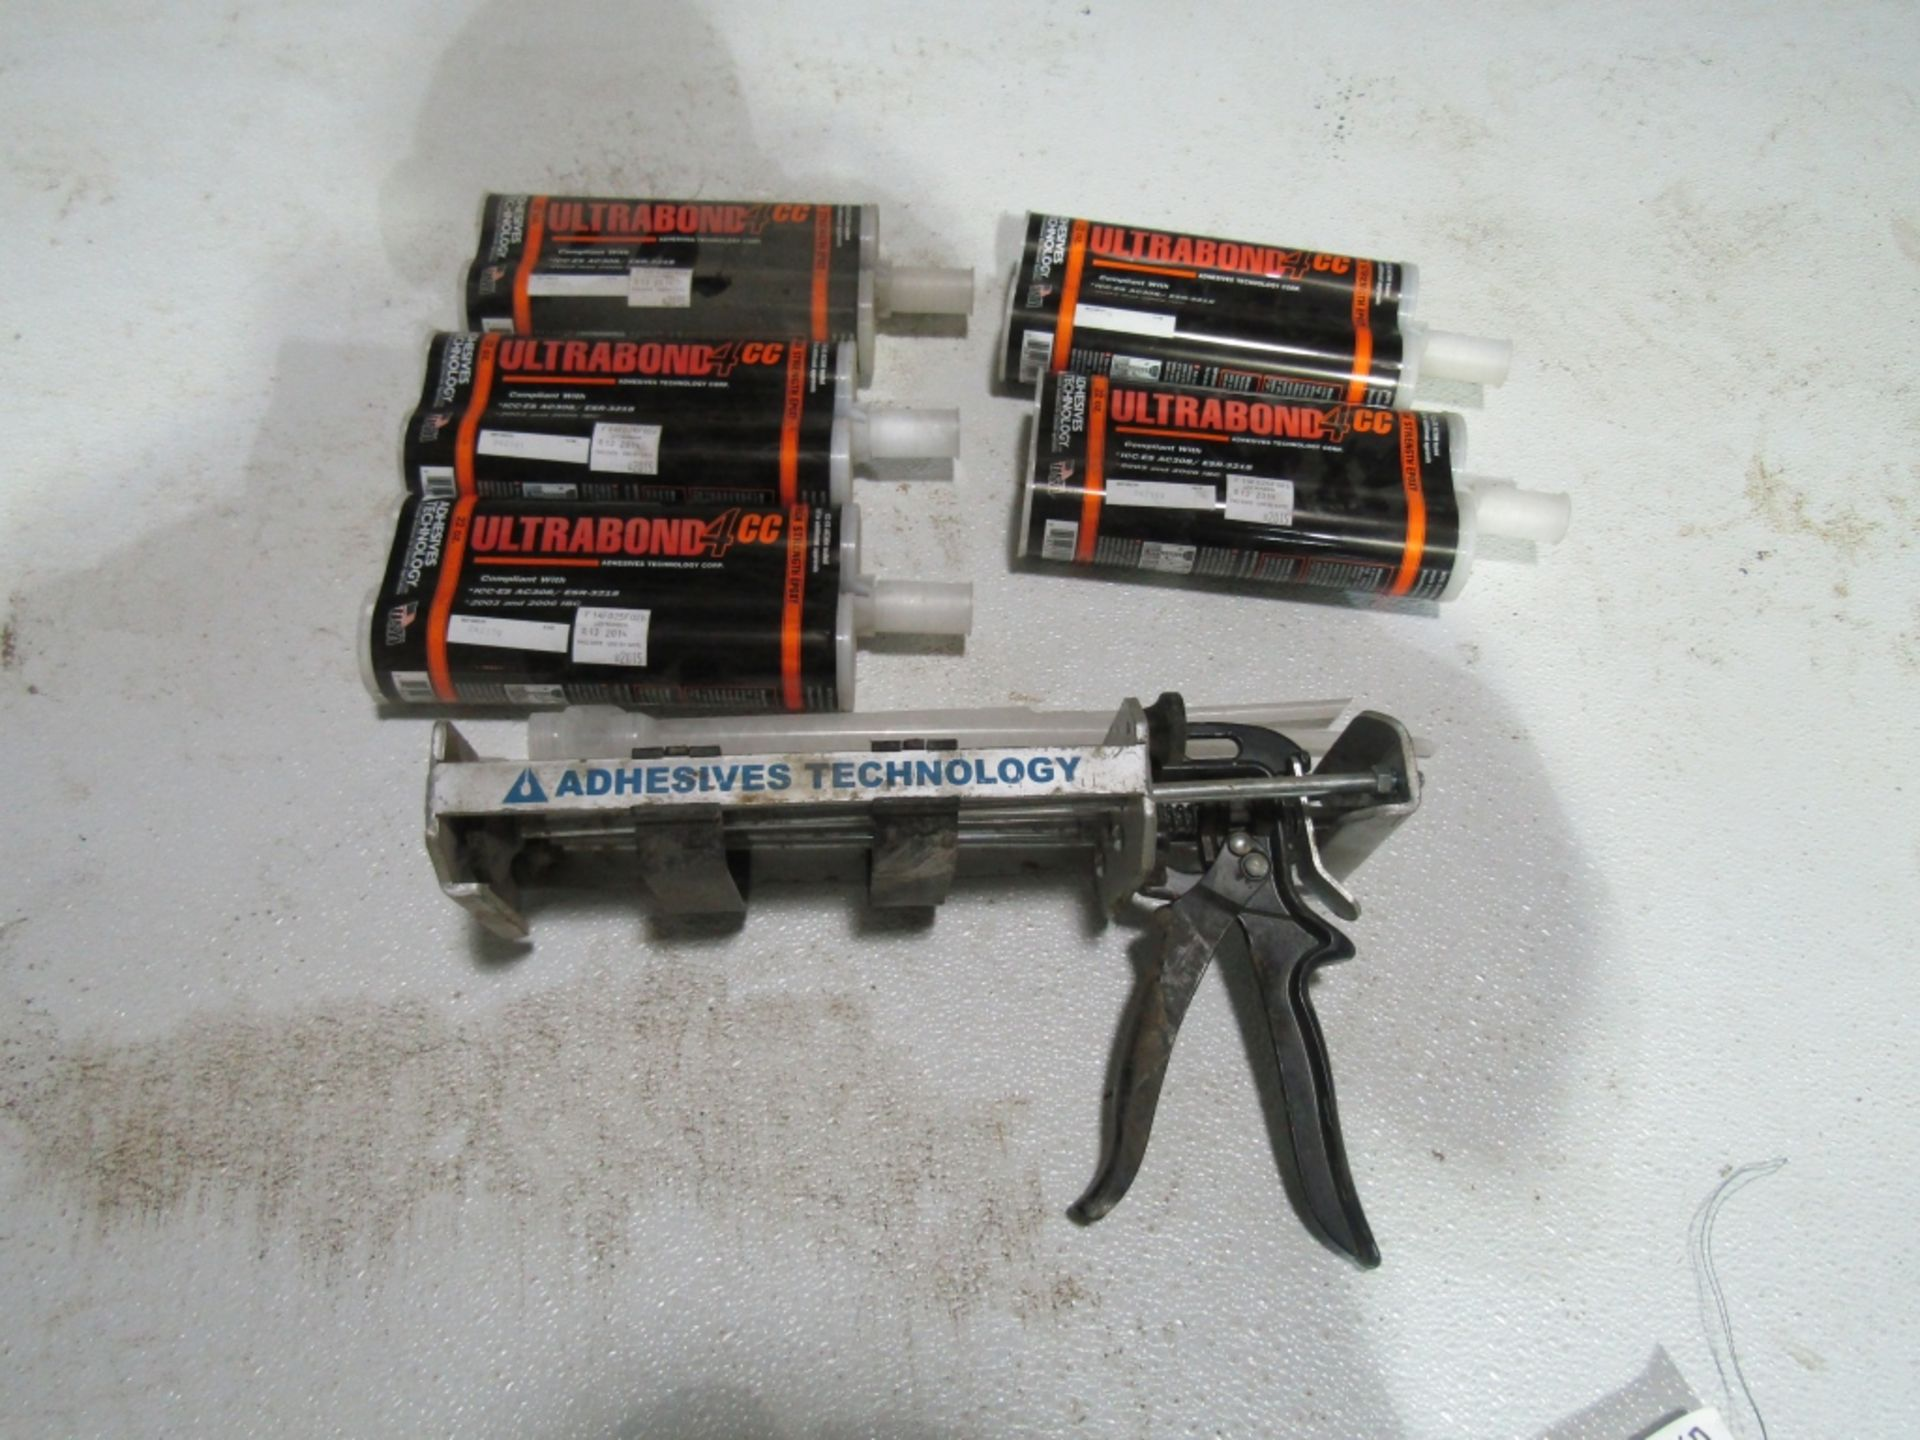 Lot 273 - Advanced Technology Ultrabond Gun & Ultrabond 4CC, Located in Winterset, IA